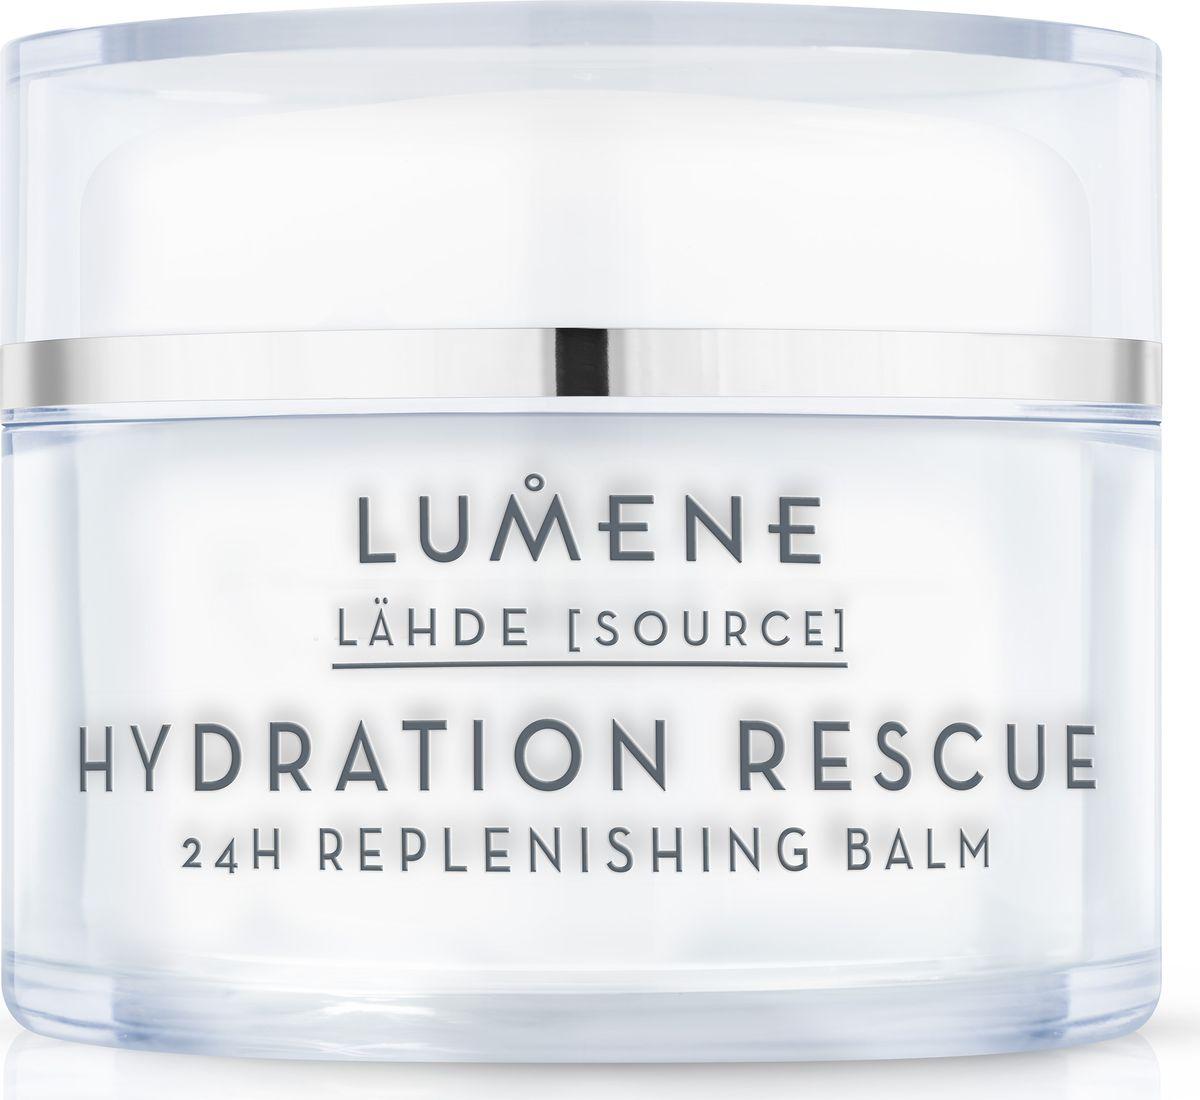 Lumene Lahde 24 часа Увлажняющий питательный бальзам, 50 млNL580-80318Глубокое увлажнение и восстановление комфорта сухой кожи. Наполняет кожу влагой, смягчая и восстанавливая естественное сияние.